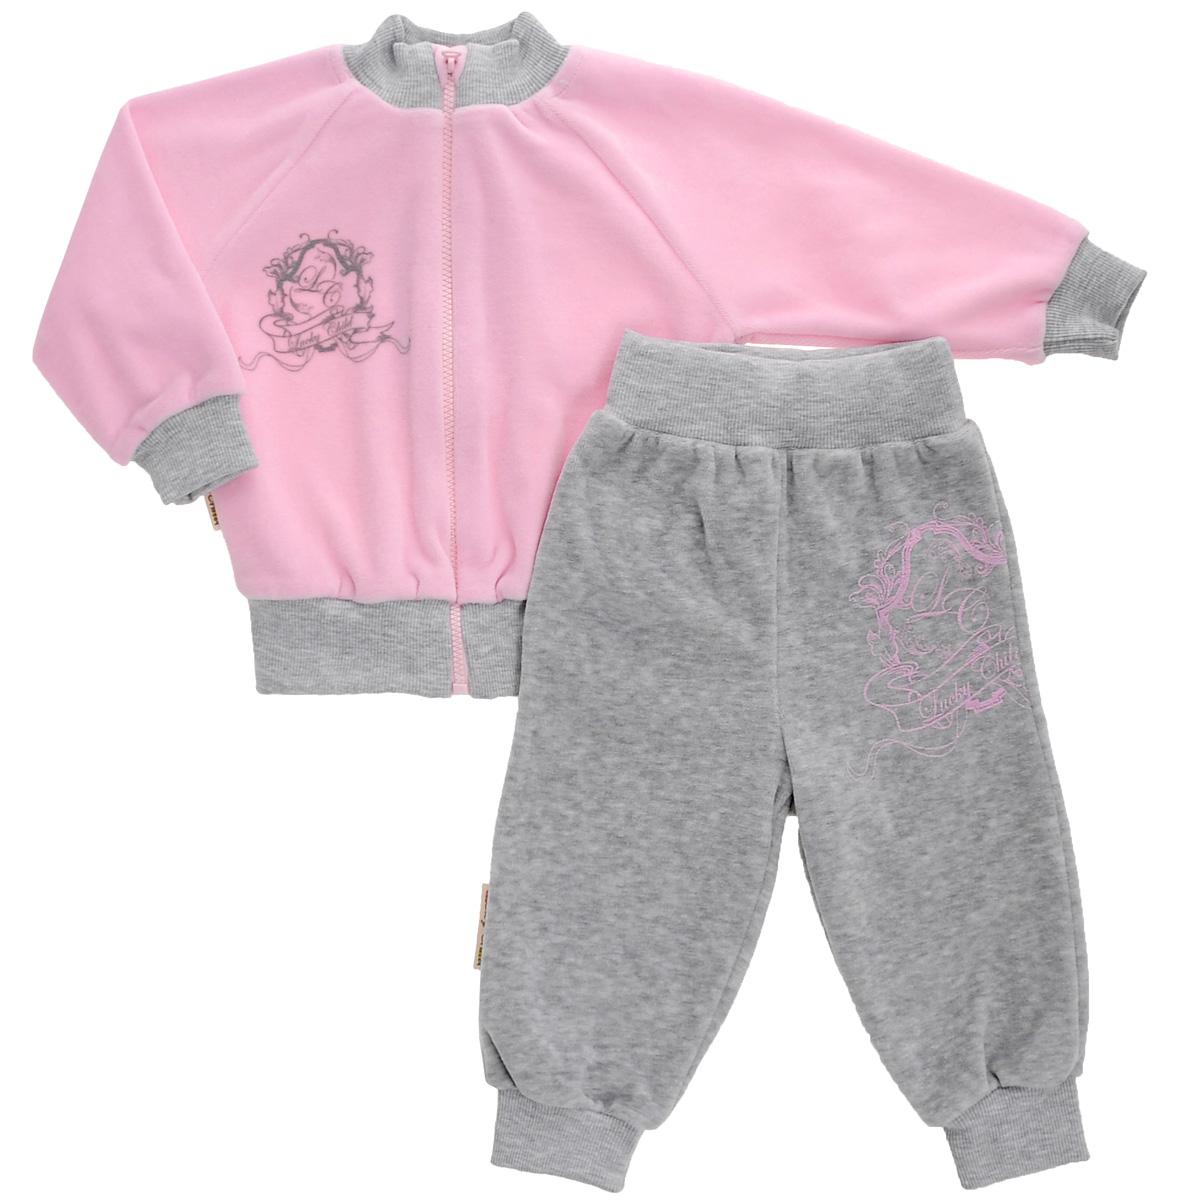 Комплект для девочки Lucky Child: толстовка, брюки, цвет: розовый, серый. 5-21. Размер 74/805-21Детский комплект для девочки Lucky Child, состоящий из толстовки и брюк - очень удобный и практичный. Комплект выполнен из велюра, благодаря чему он необычайно мягкий и приятный на ощупь, не раздражают нежную кожу ребенка и хорошо вентилируются, а эластичные швы приятны телу малышки и не препятствуют ее движениям. Толстовка с воротником-стойкой и длинными рукавами-реглан застегивается на пластиковую застежку-молнию. Рукава дополнены широкими трикотажными манжетами, не стягивающими запястья. Понизу также проходит широкая трикотажная резинка. На груди она оформлена оригинальным принтом в виде логотипа бренда. Брюки прямого покроя на талии имеют широкую эластичную резинку, благодаря чему они не сдавливают животик ребенка и не сползают. Понизу штанины дополнены широкими трикотажными манжетами. Спереди брюки декорированы таким же рисунком, как на толстовке. Оригинальный дизайн и модная расцветка делают этот комплект незаменимым предметом детского гардероба. В нем ваш ребенок всегда будет в центре внимания!